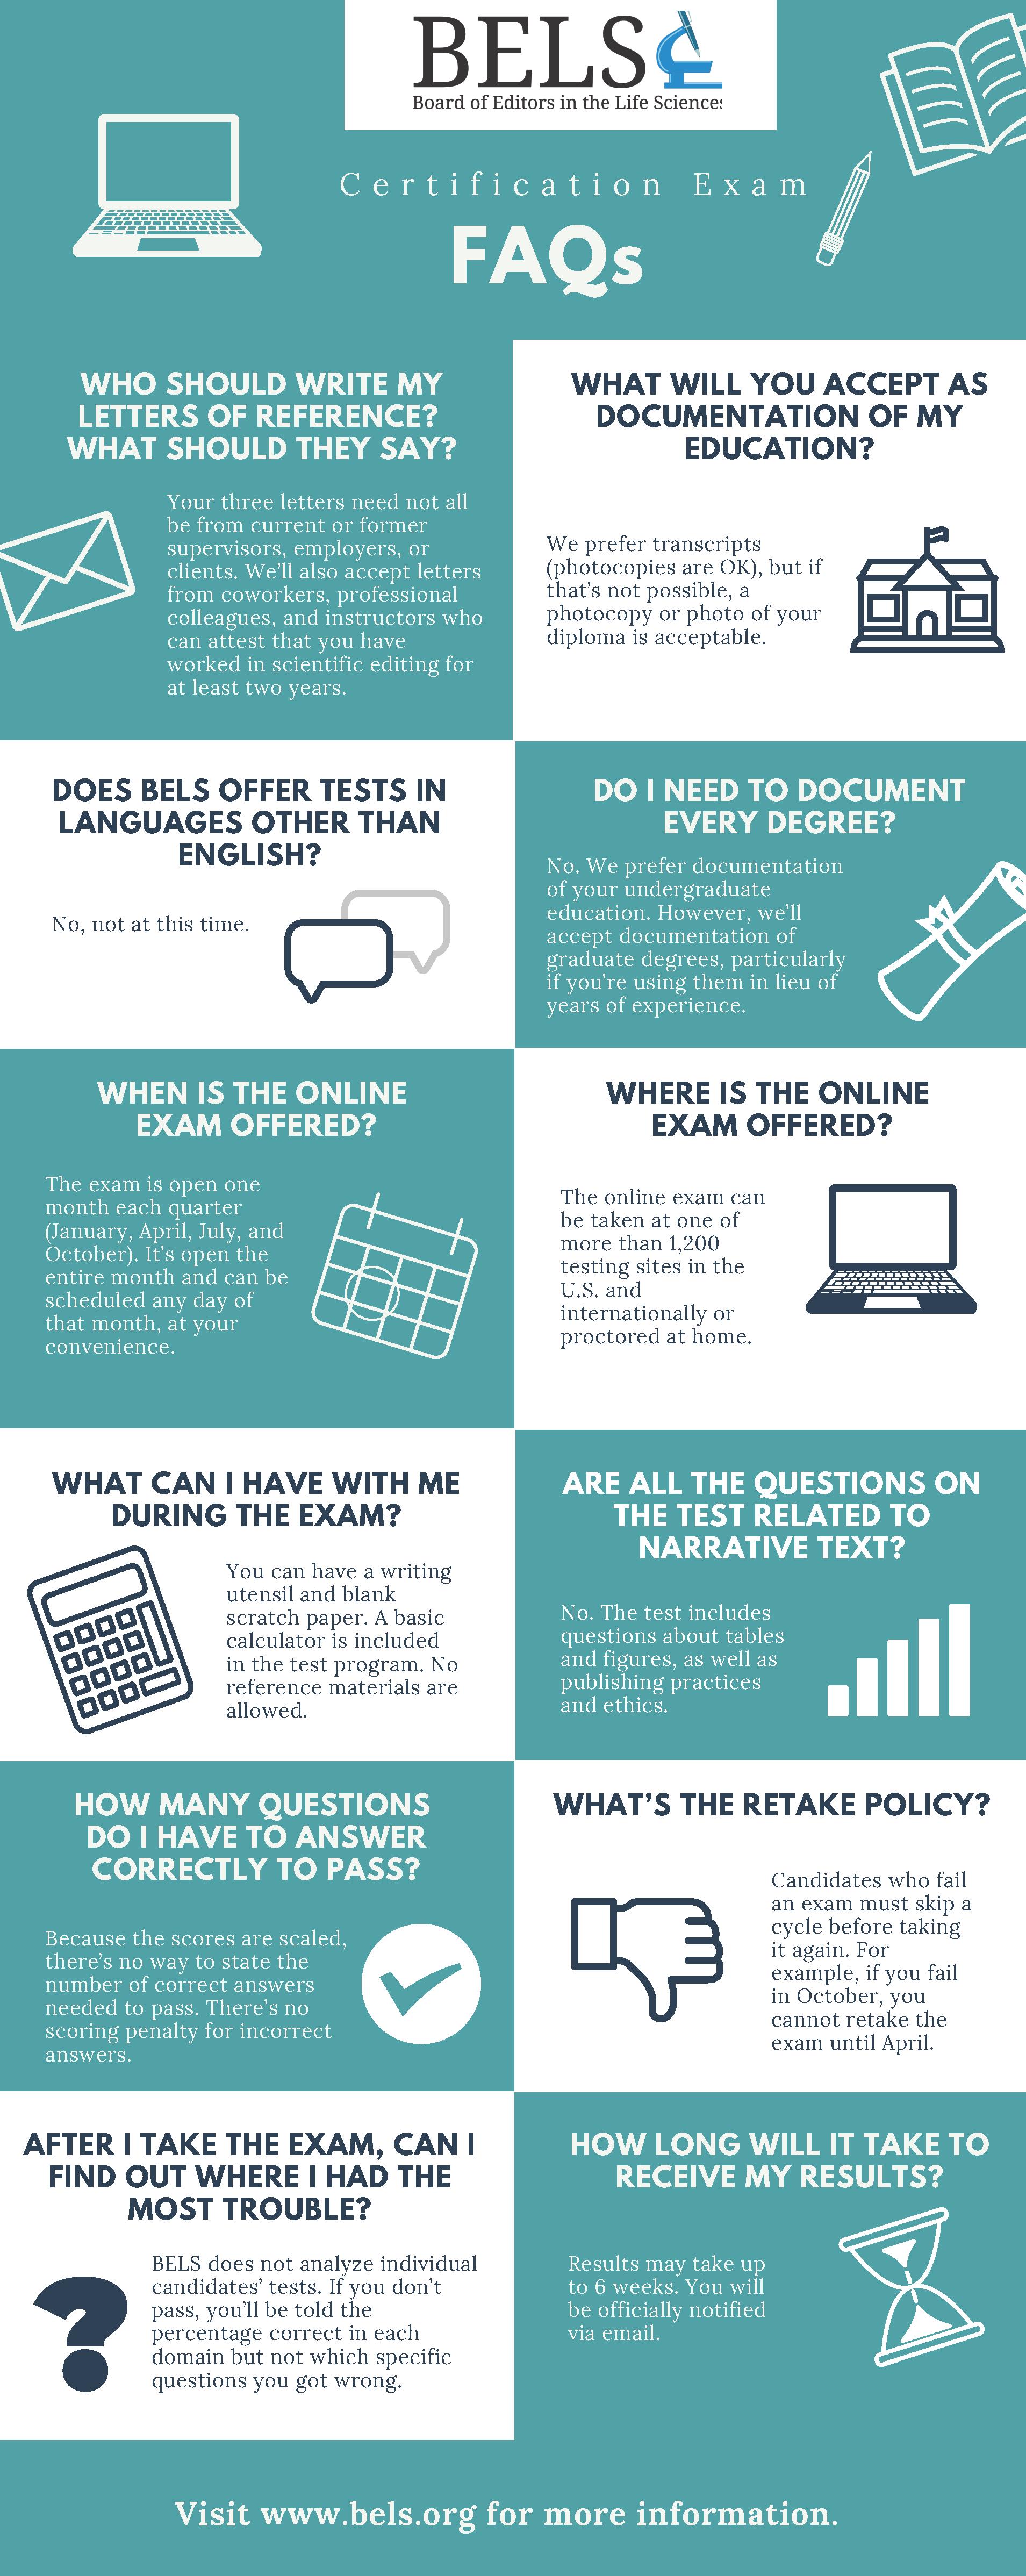 BELS Exam Infographic